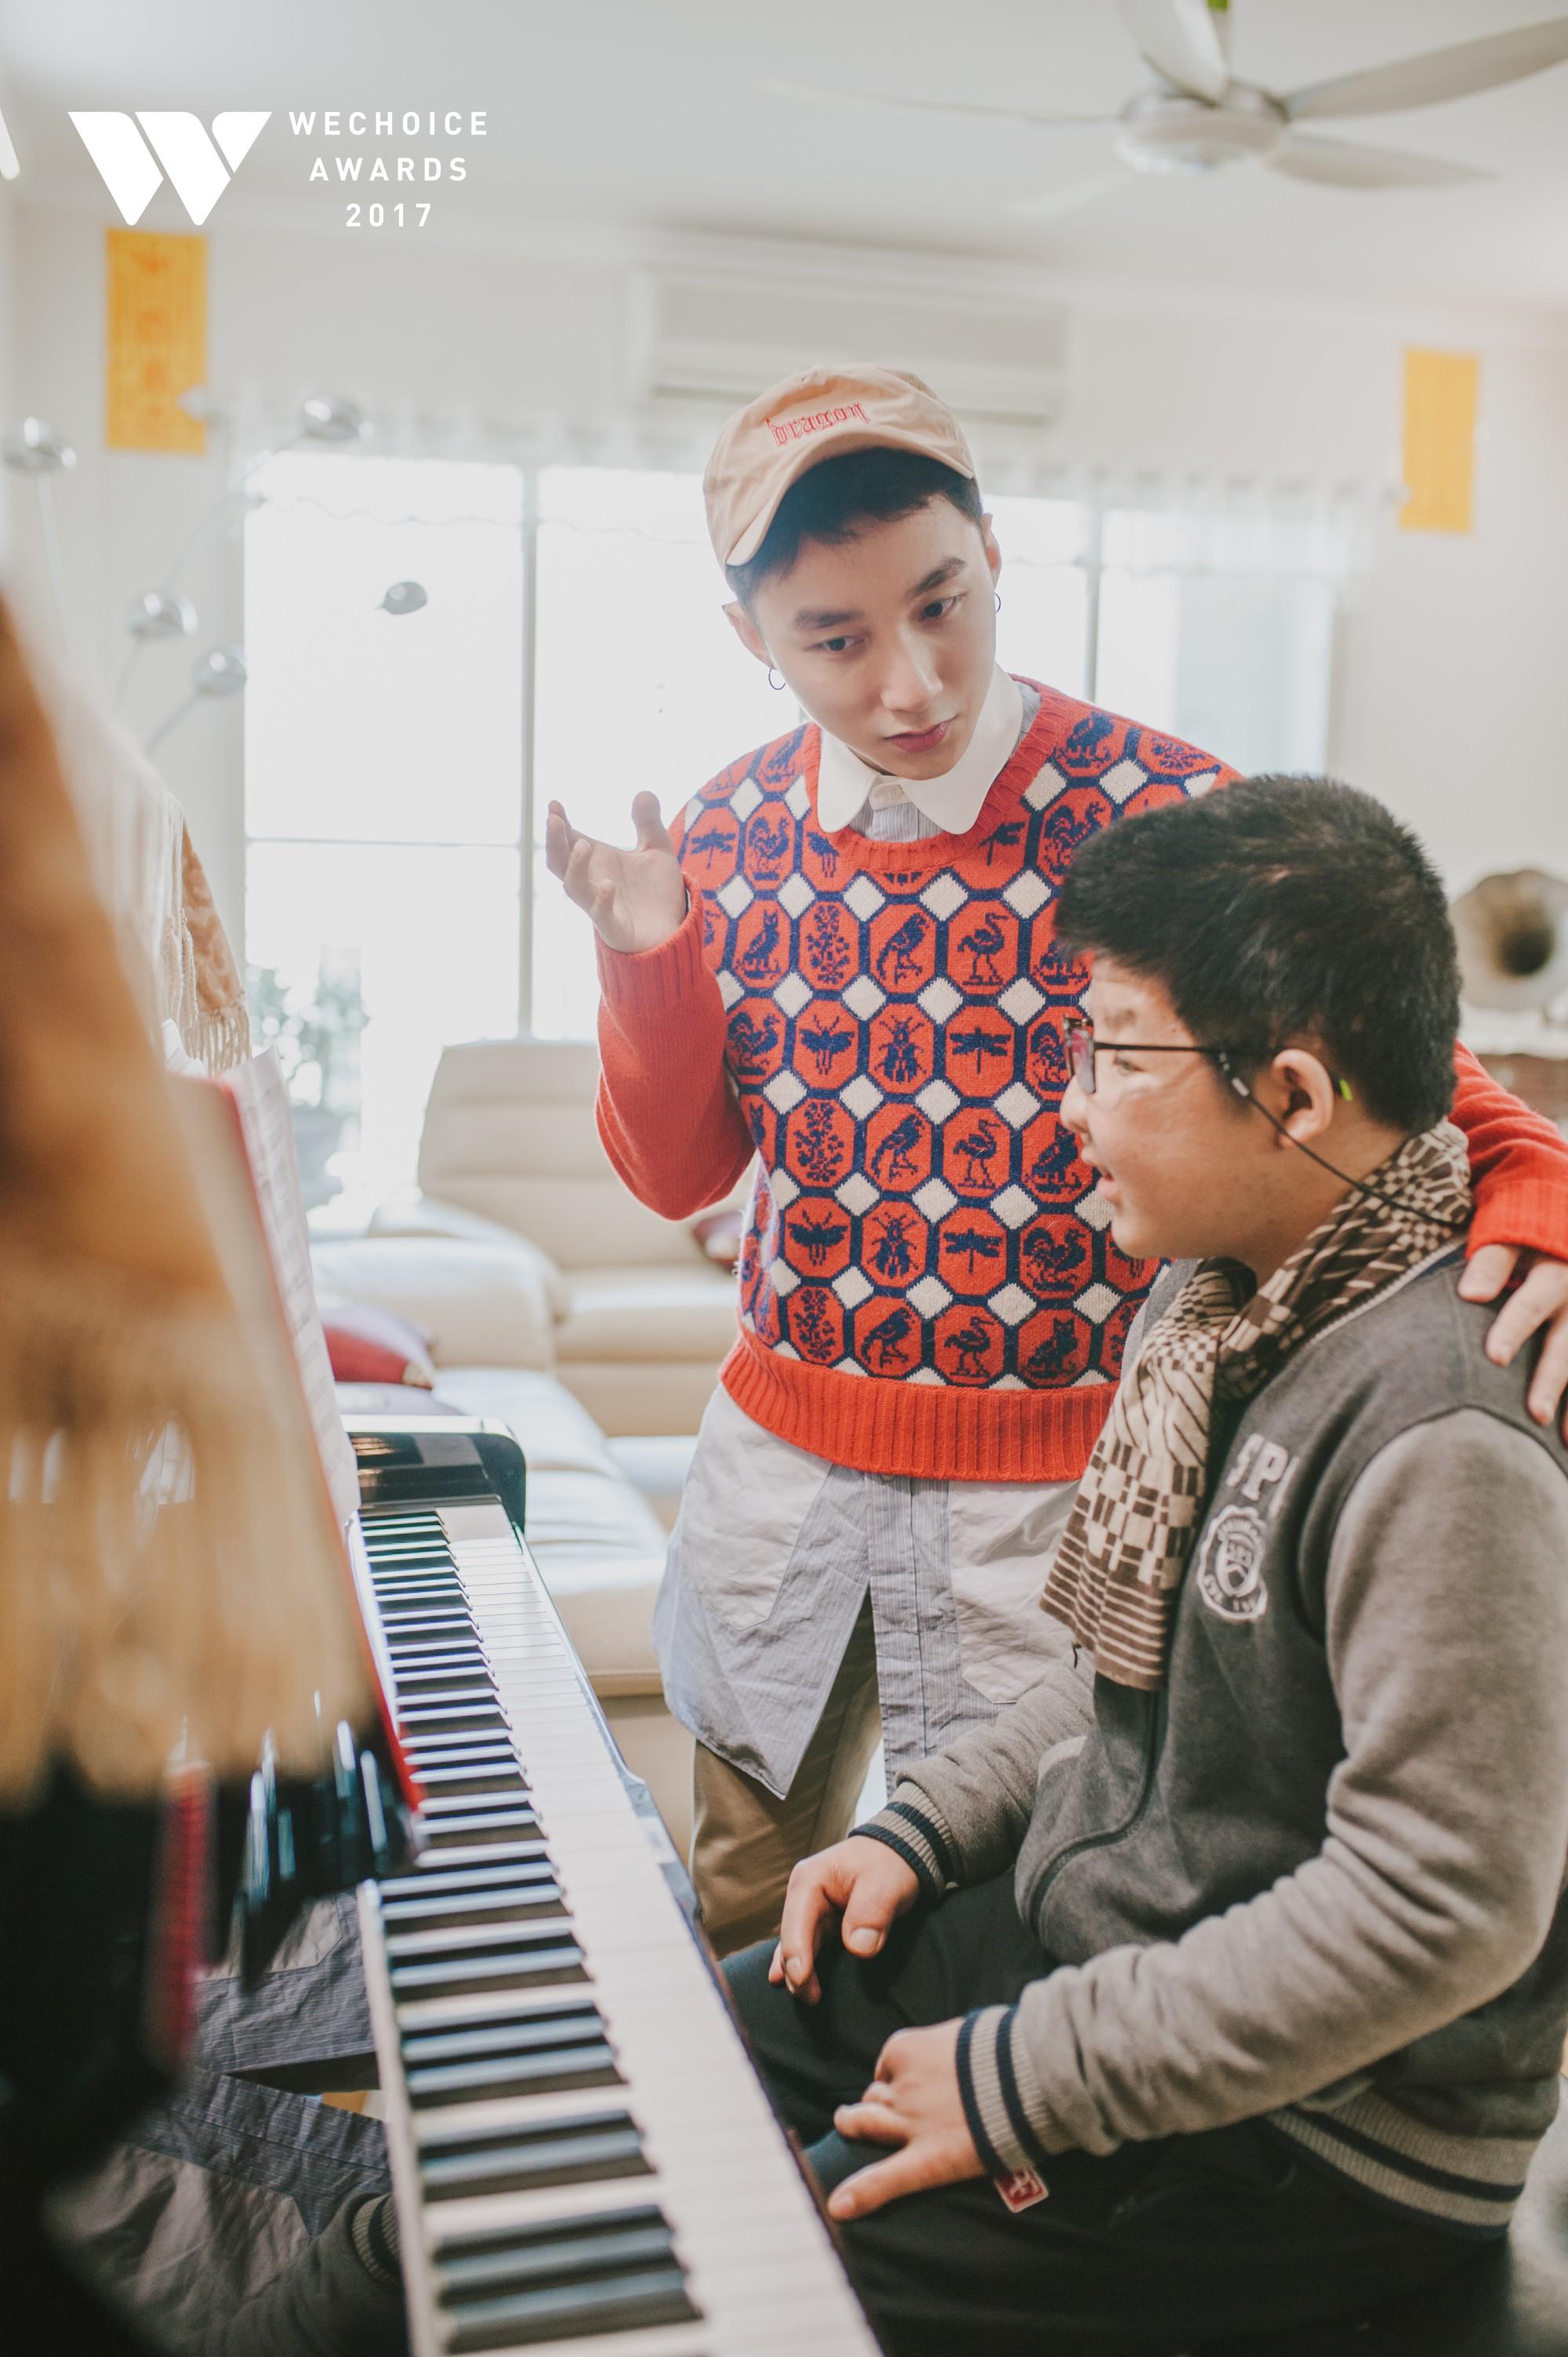 Khoảnh khắc đẹp: Sơn Tùng và bé Bôm hoà chung đam mê qua tiếng đàn, tập luyện cho sân khấu đặc biệt Gala WeChoice Awards 2017 - Ảnh 9.